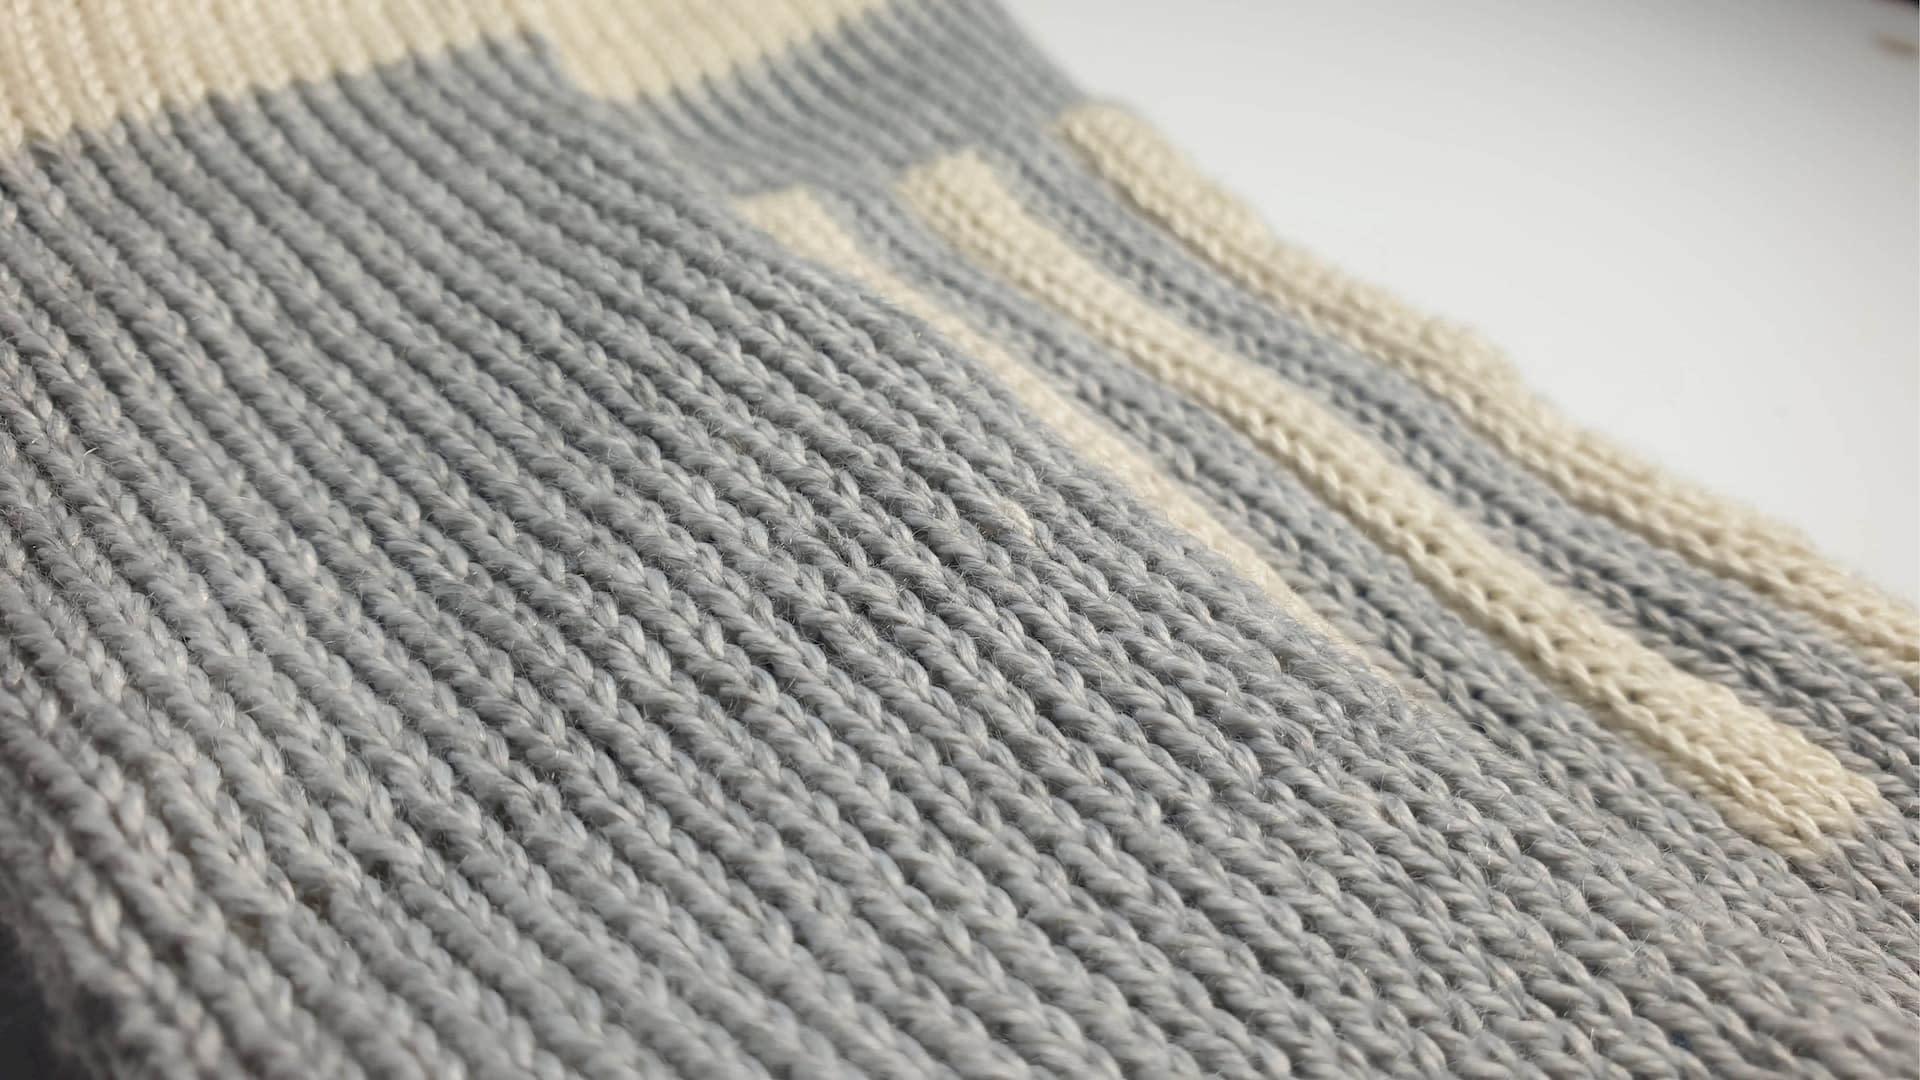 — Knitted Sensors for Diabetic Smart Socks